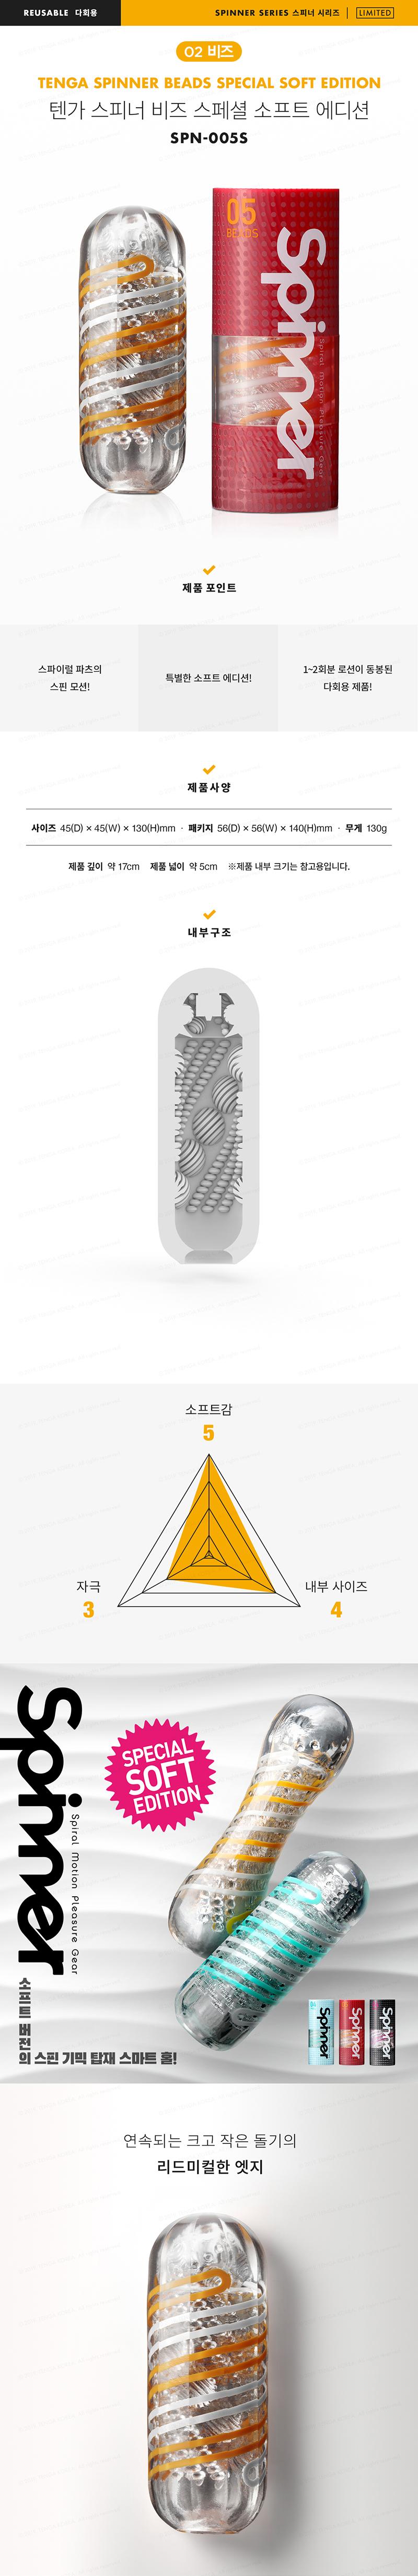 [일본 직수입] 텐가 스피너 스페셜 소프트 에디션(TENGA SPINNER SPECIAL SOFT EDITION) (TGA)